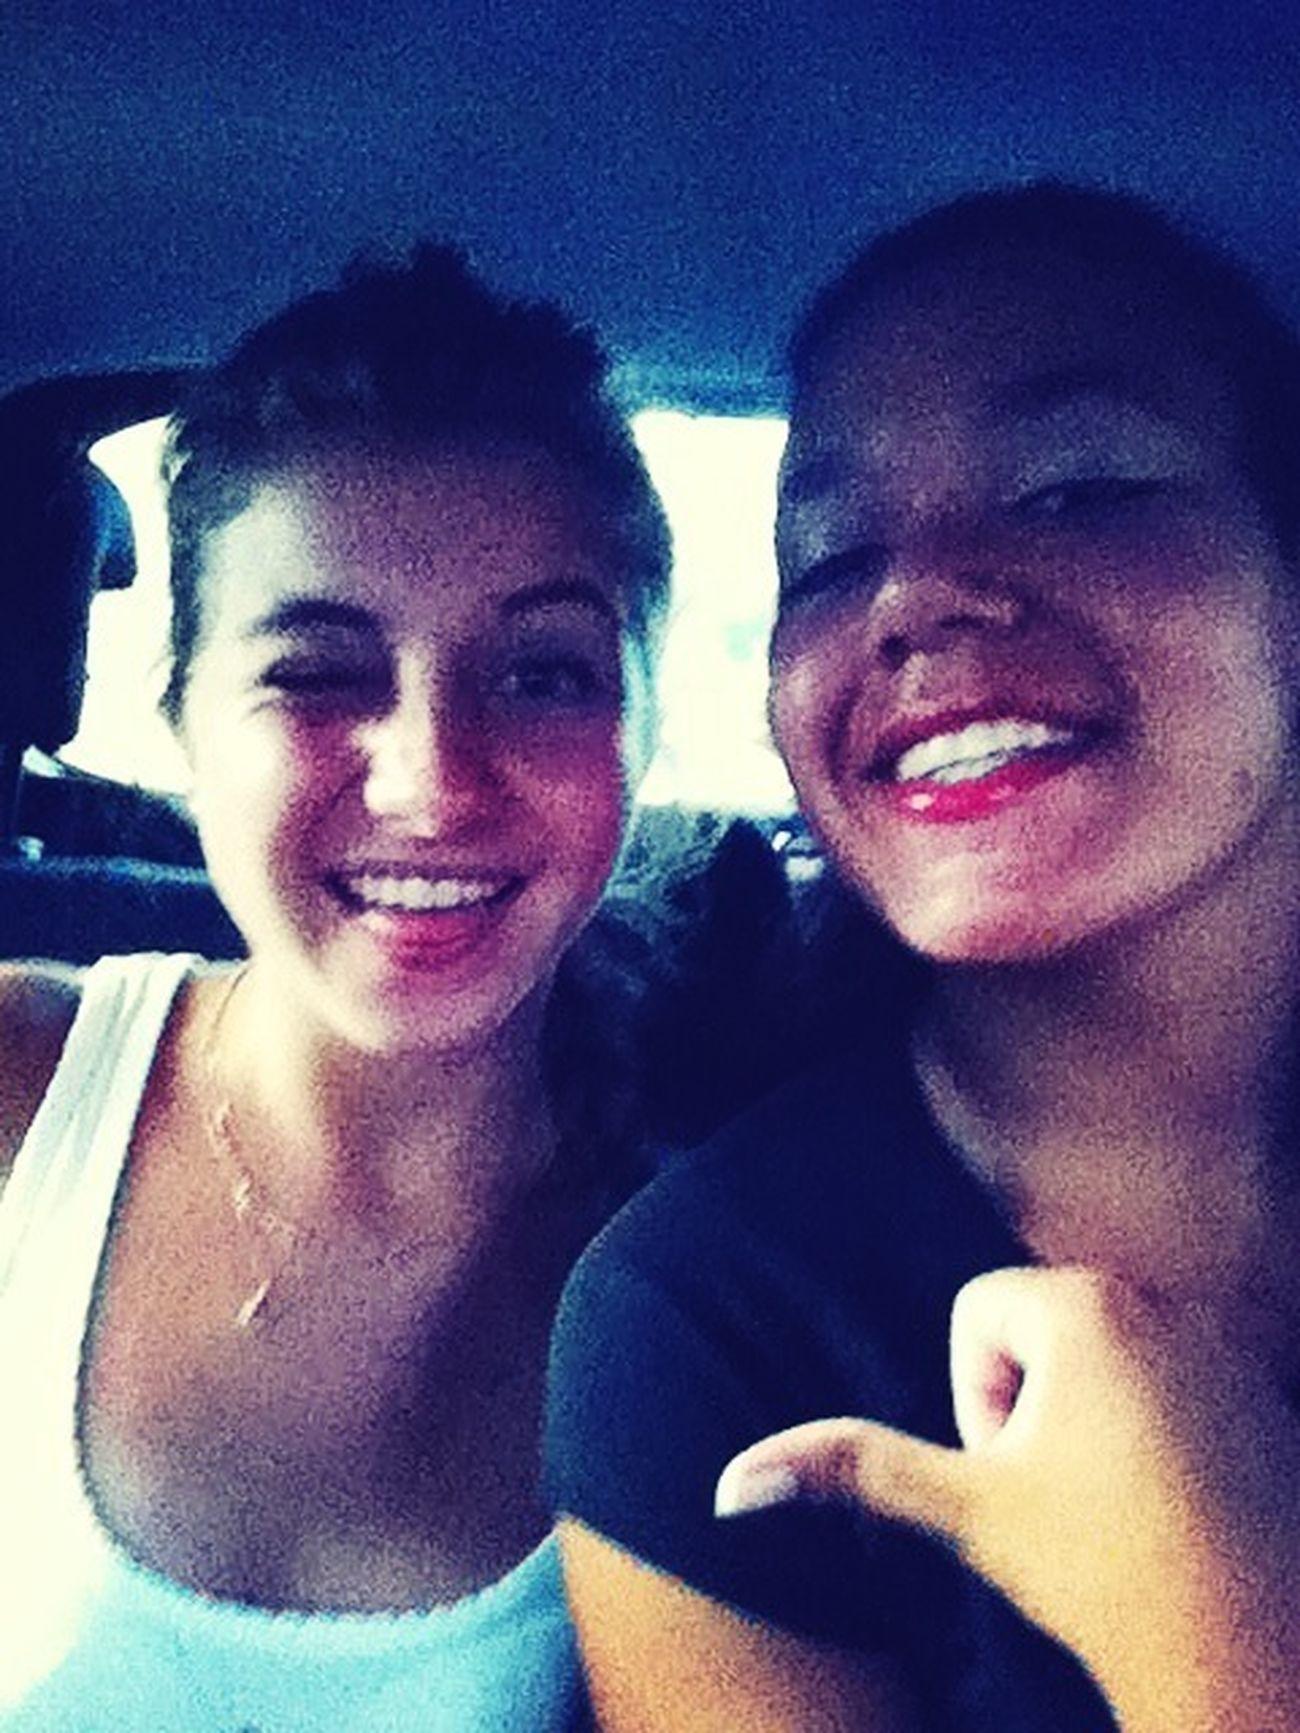 dernier moment ensemble en Guadeloupe ! :((((((